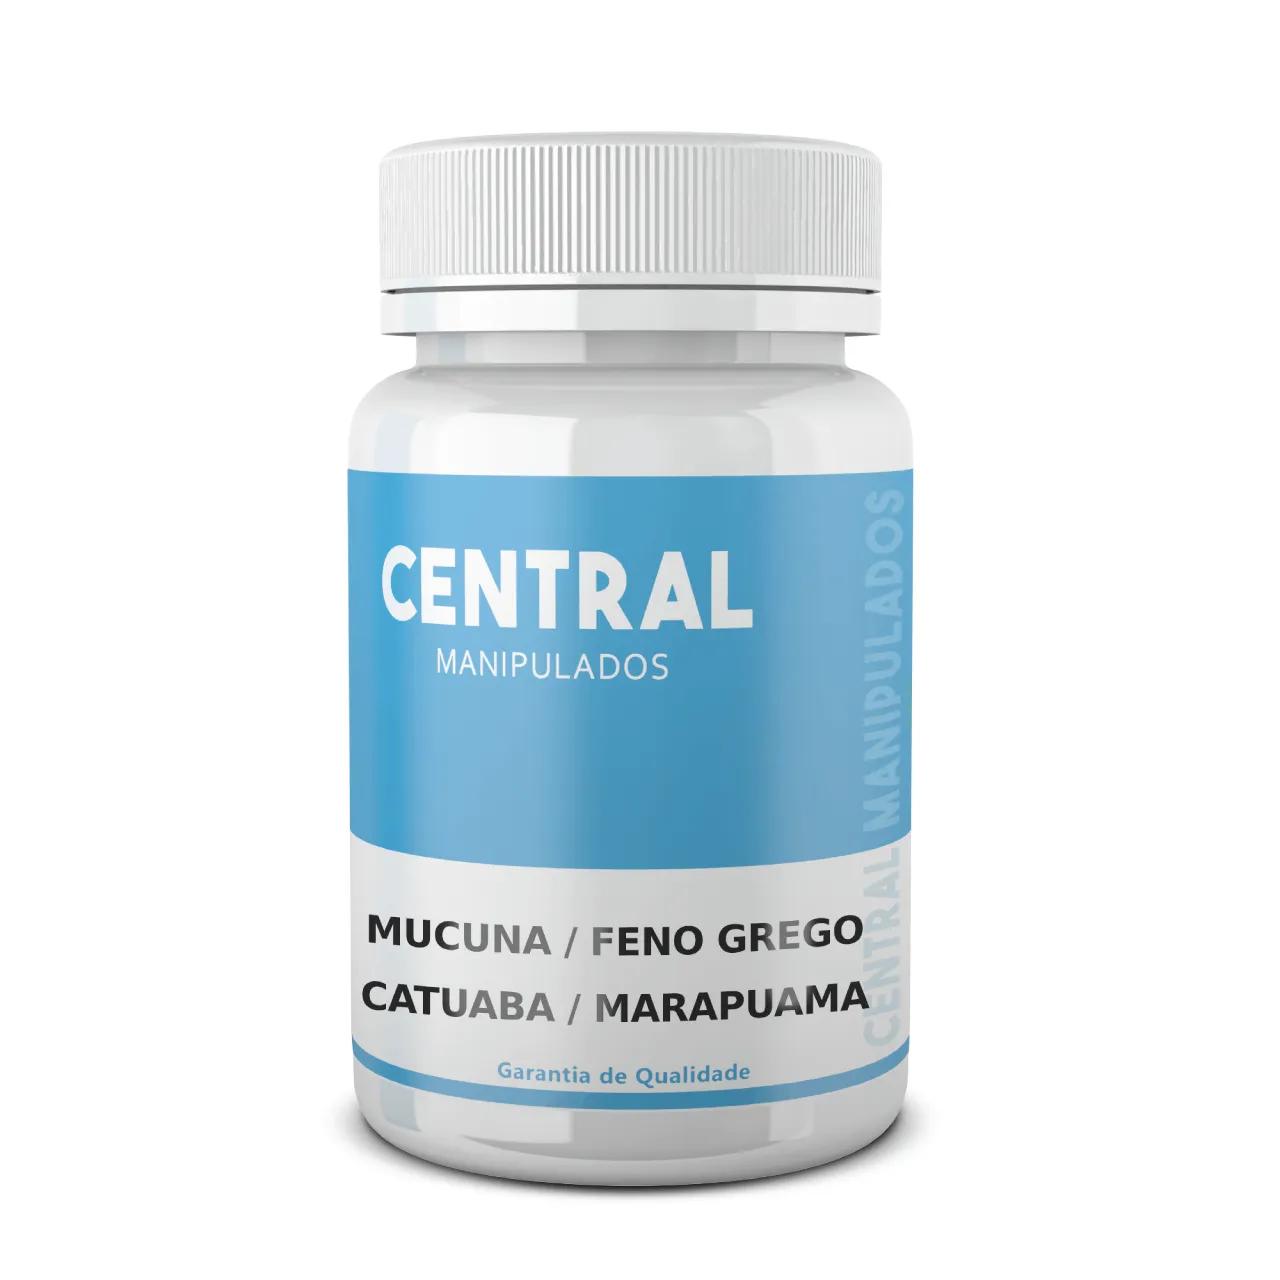 Mucuna 300mg + Feno grego 200mg + Catuaba 200mg + Marapuama 200mg 60 cápsulas - Fórmula para Saúde Sexual, Aumento de Testosterona e Libido